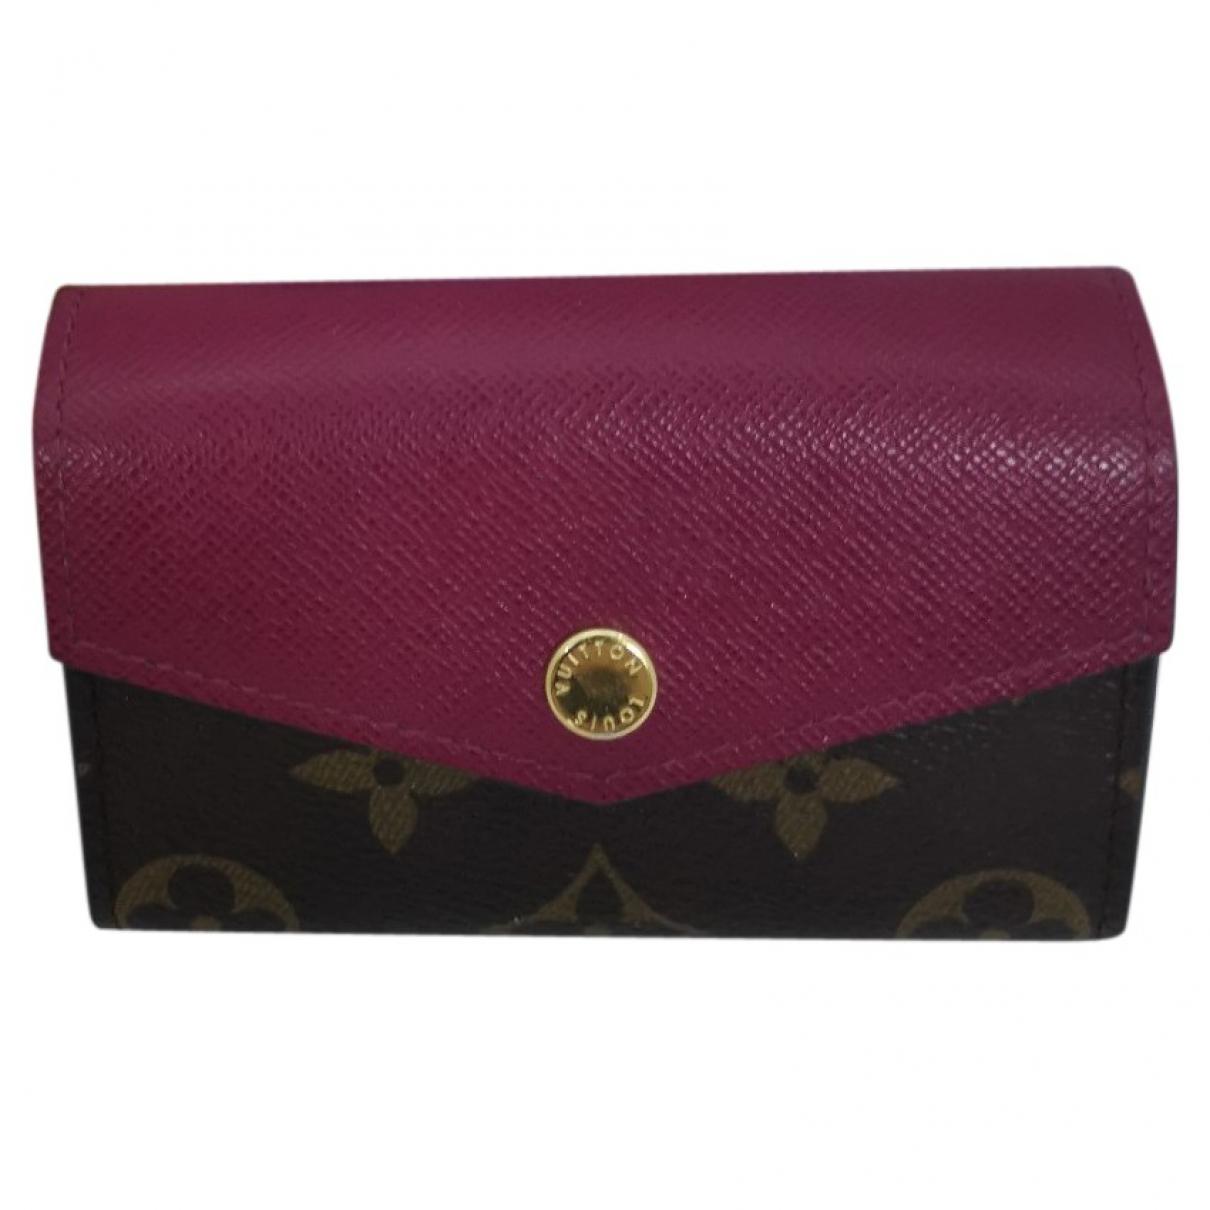 Louis Vuitton Zoé Purple Cloth Purses, wallet & cases for Women \N